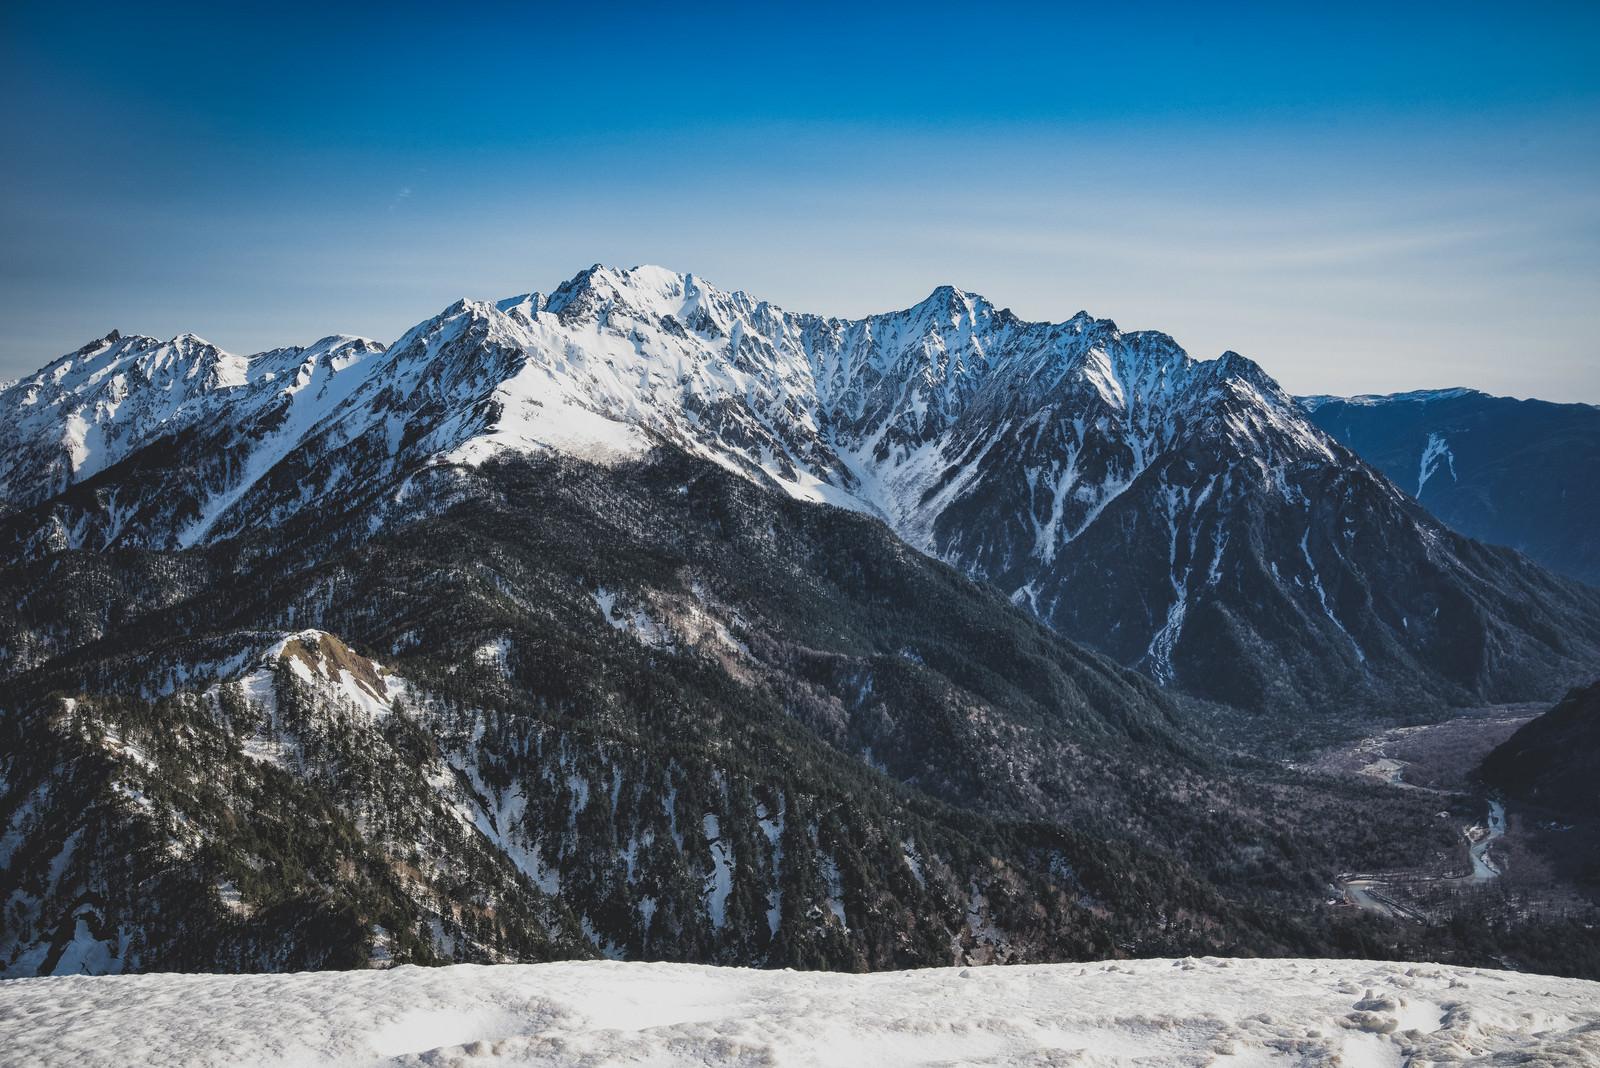 「雪残る穂高連峰(北アルプス)」の写真